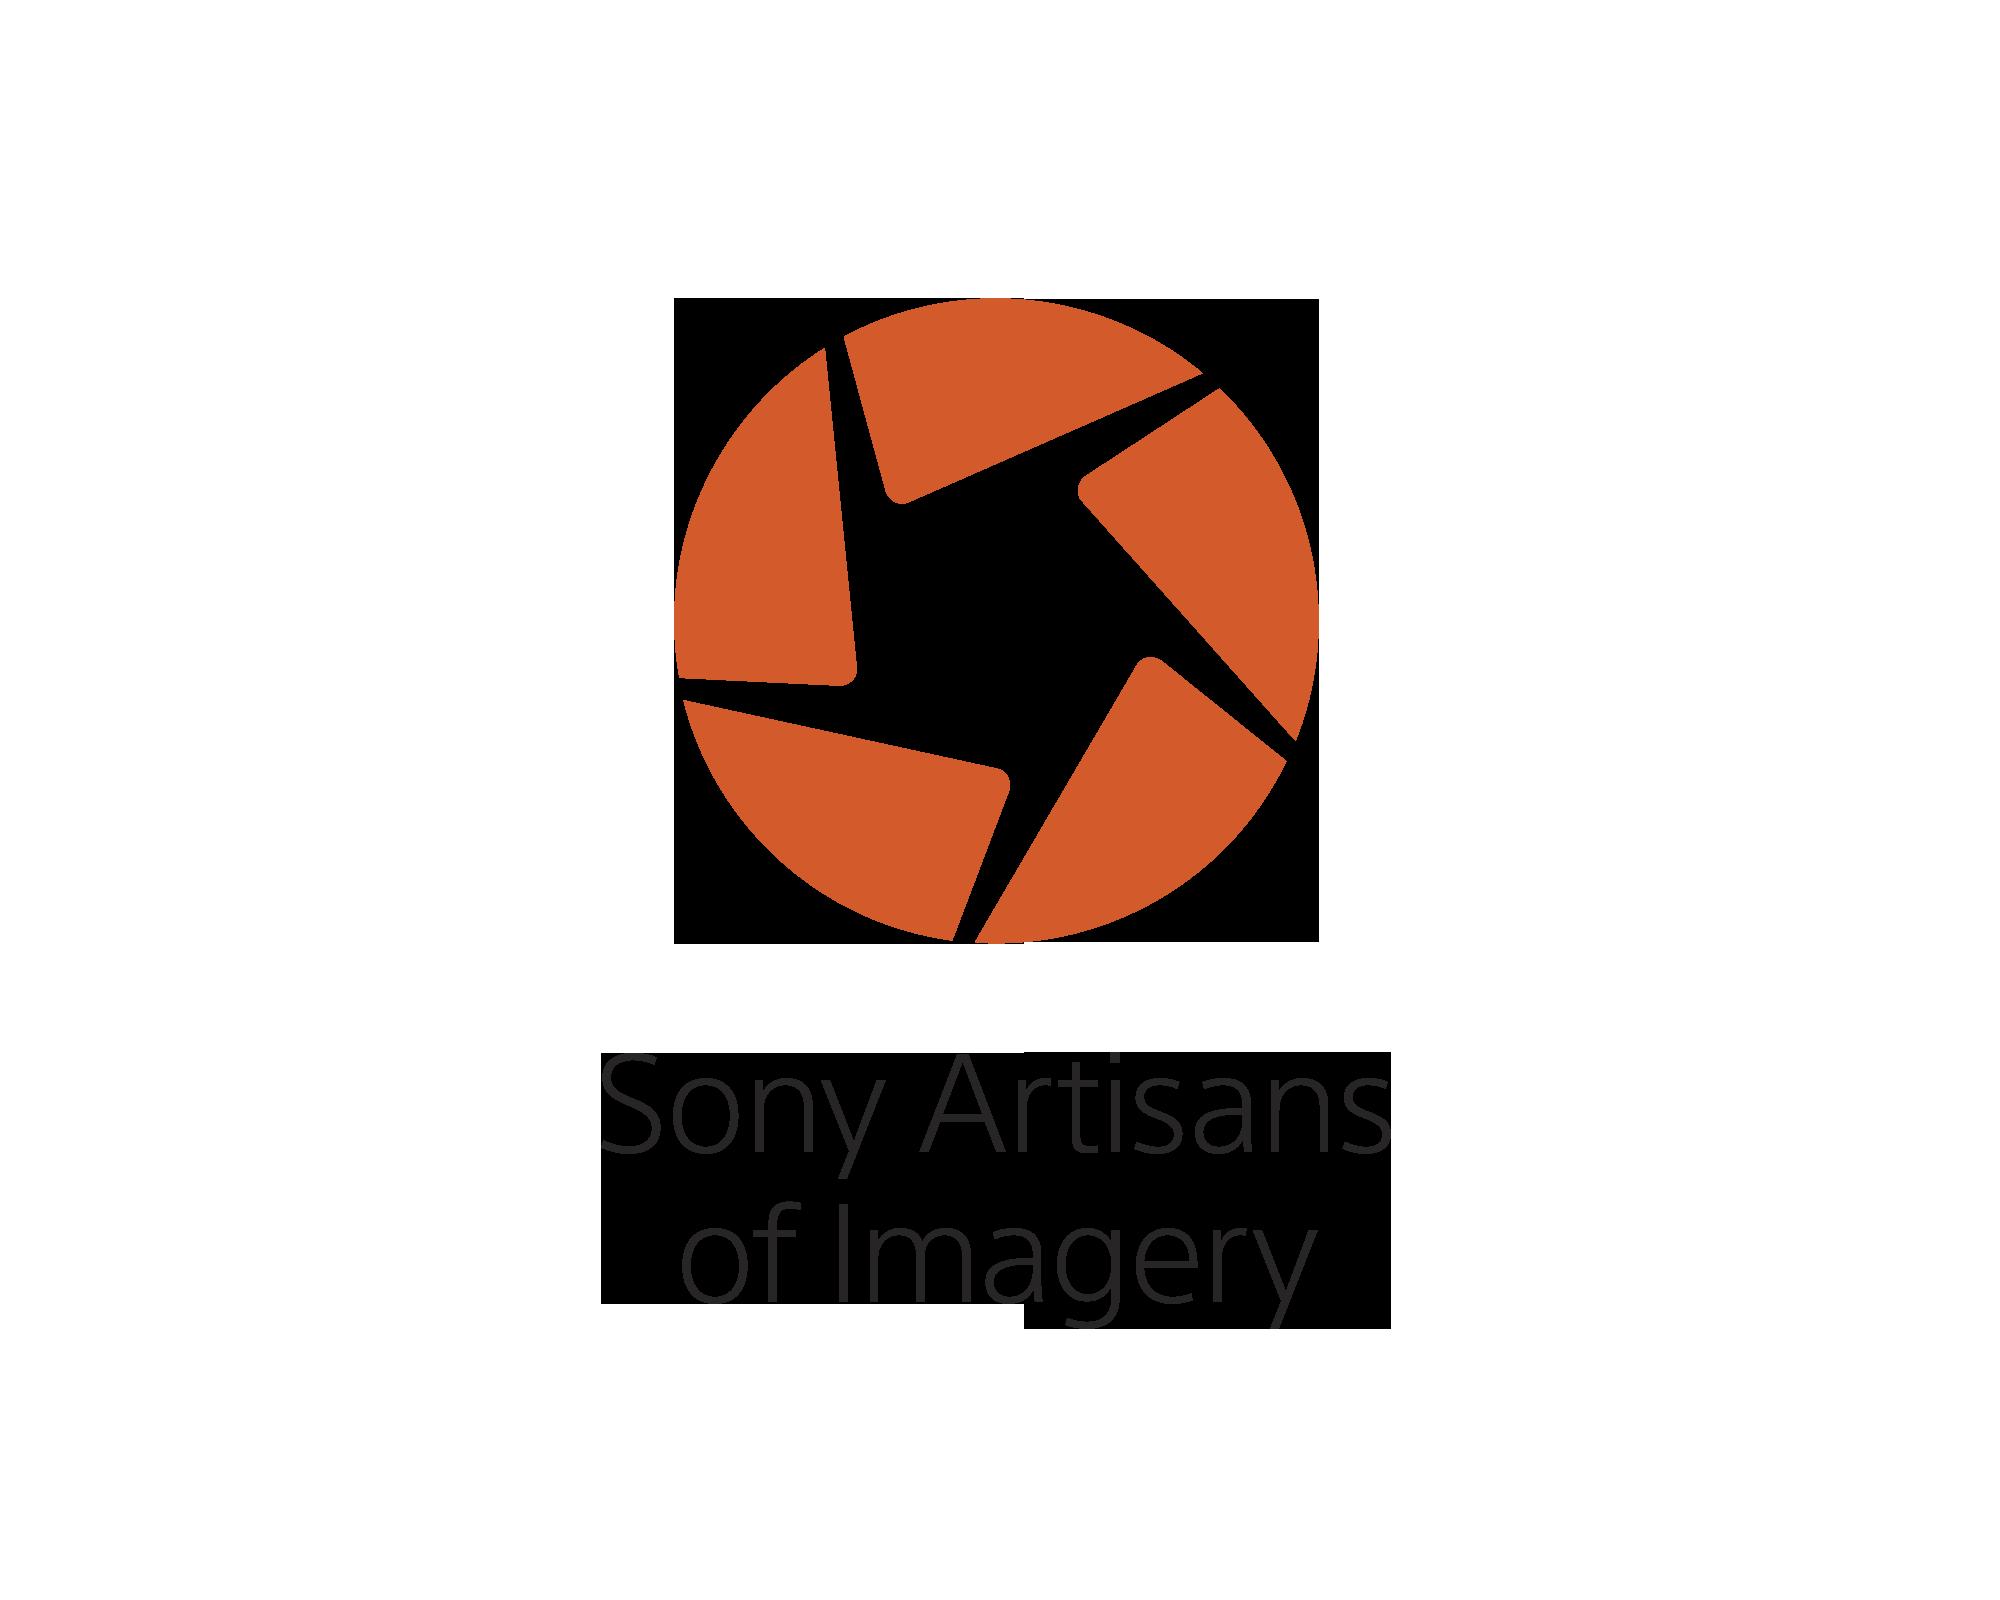 Sony_AOI_Logo_h.jpg